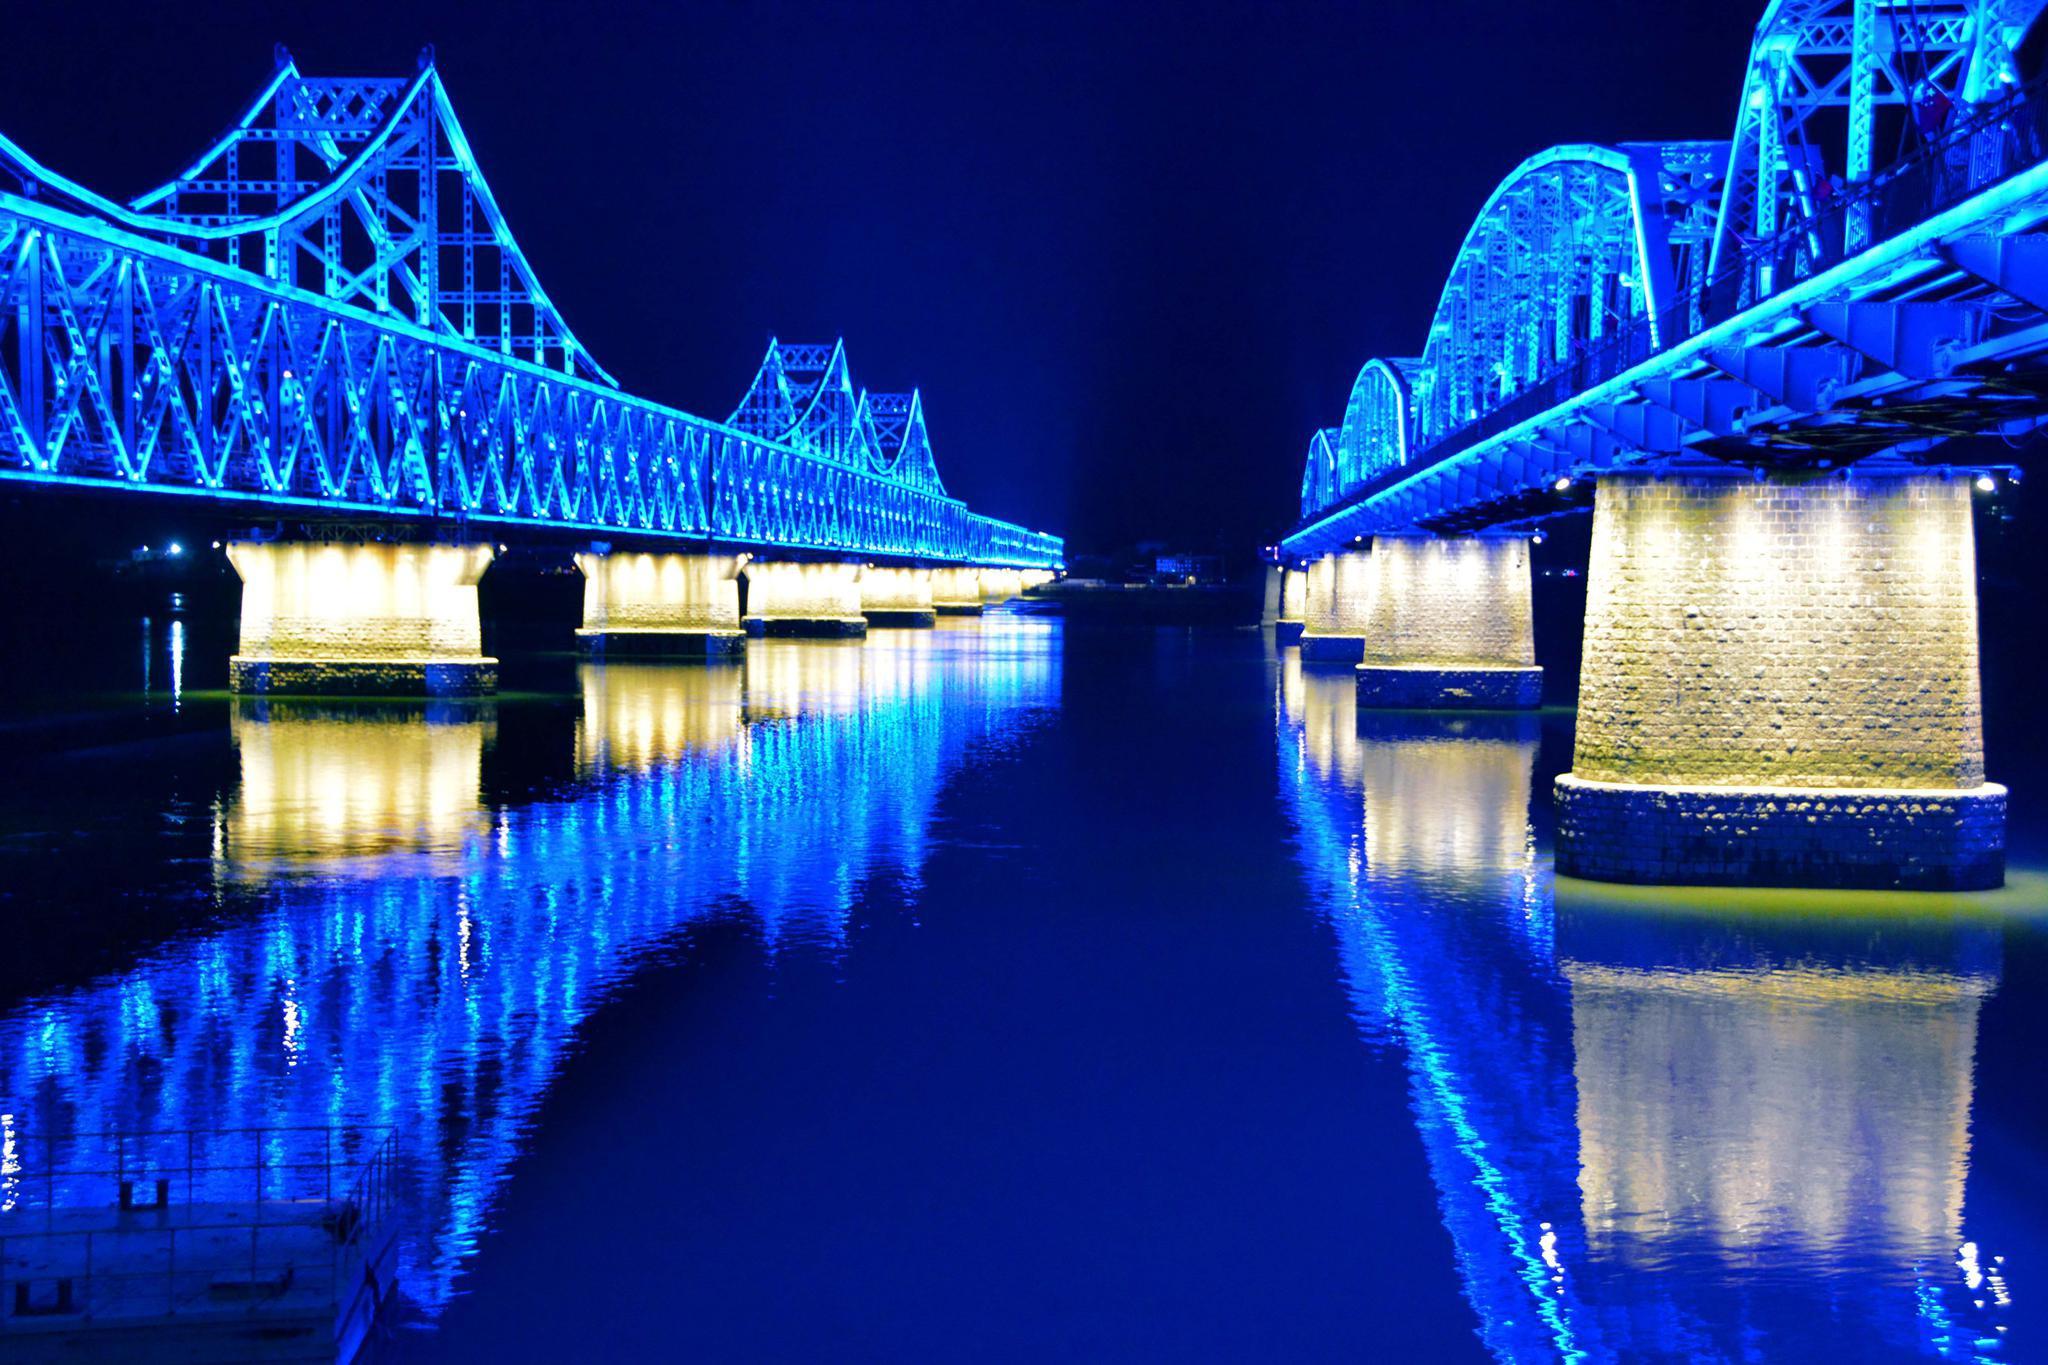 辽宁丹东鸭绿江大桥和鸭绿江断桥蓝色灯光,原创拍摄